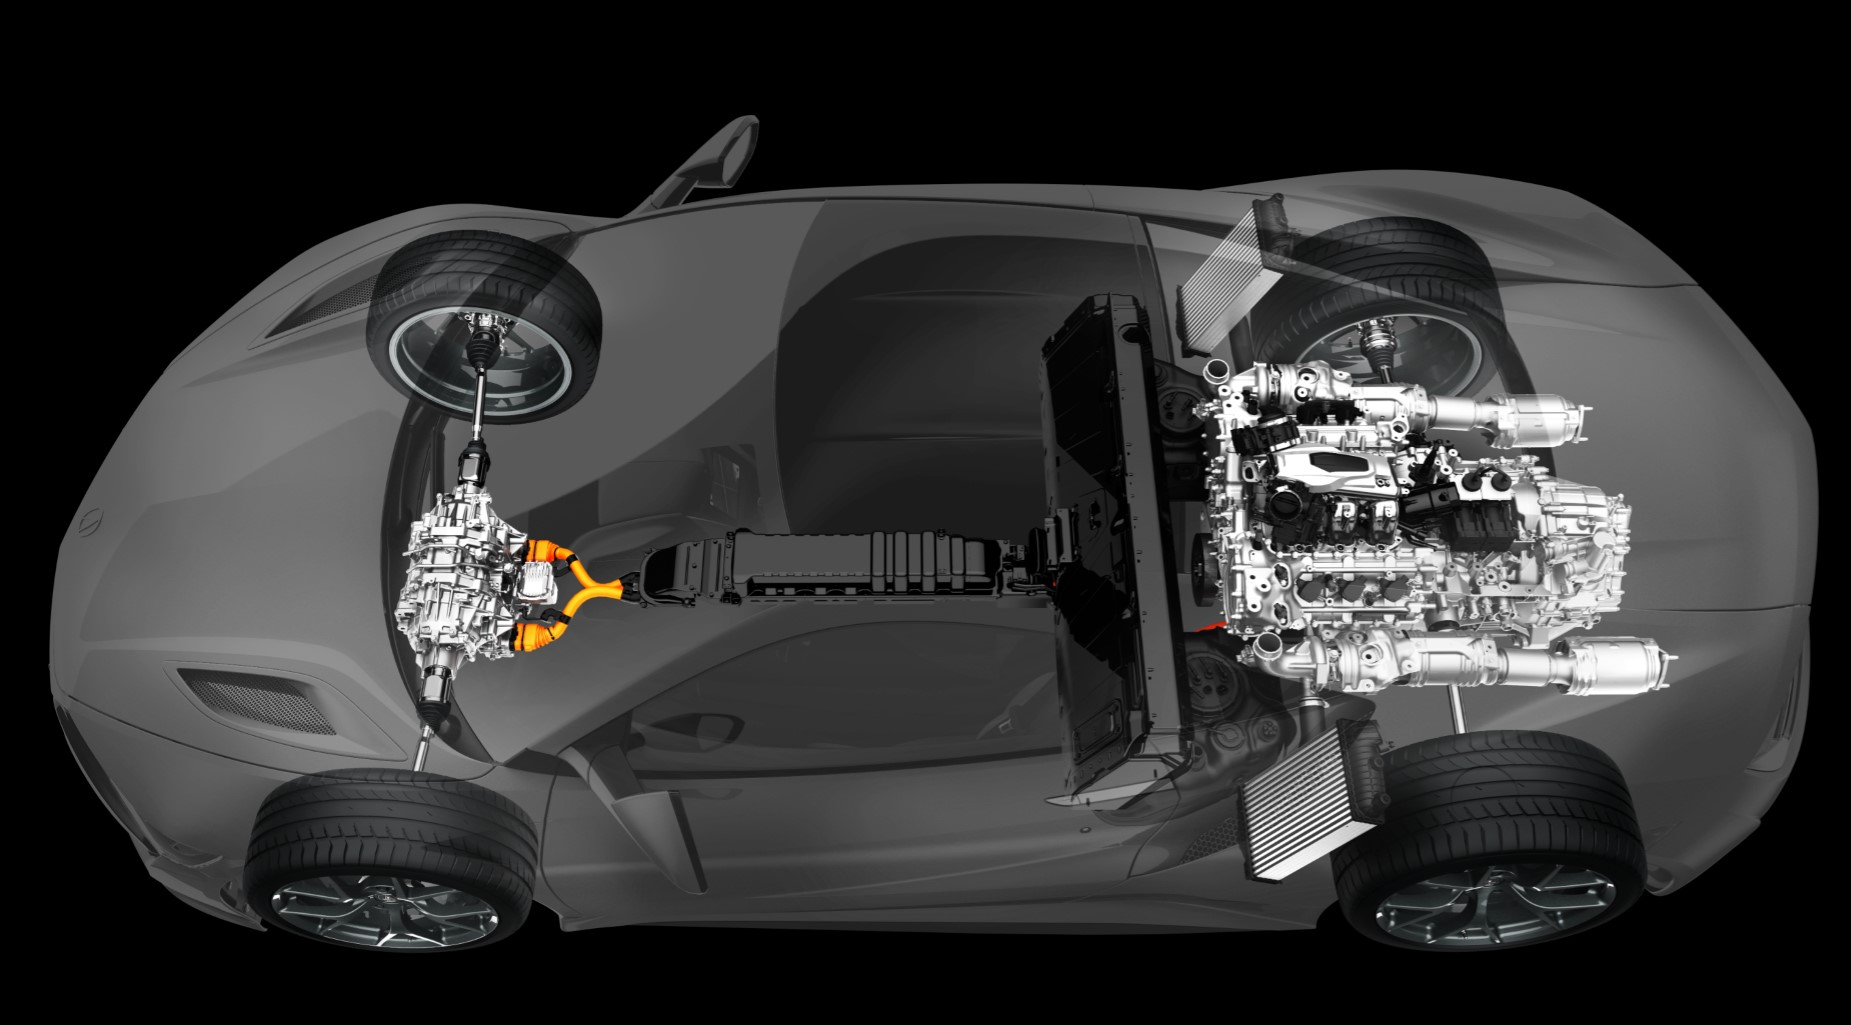 2015 Honda NSX SAE